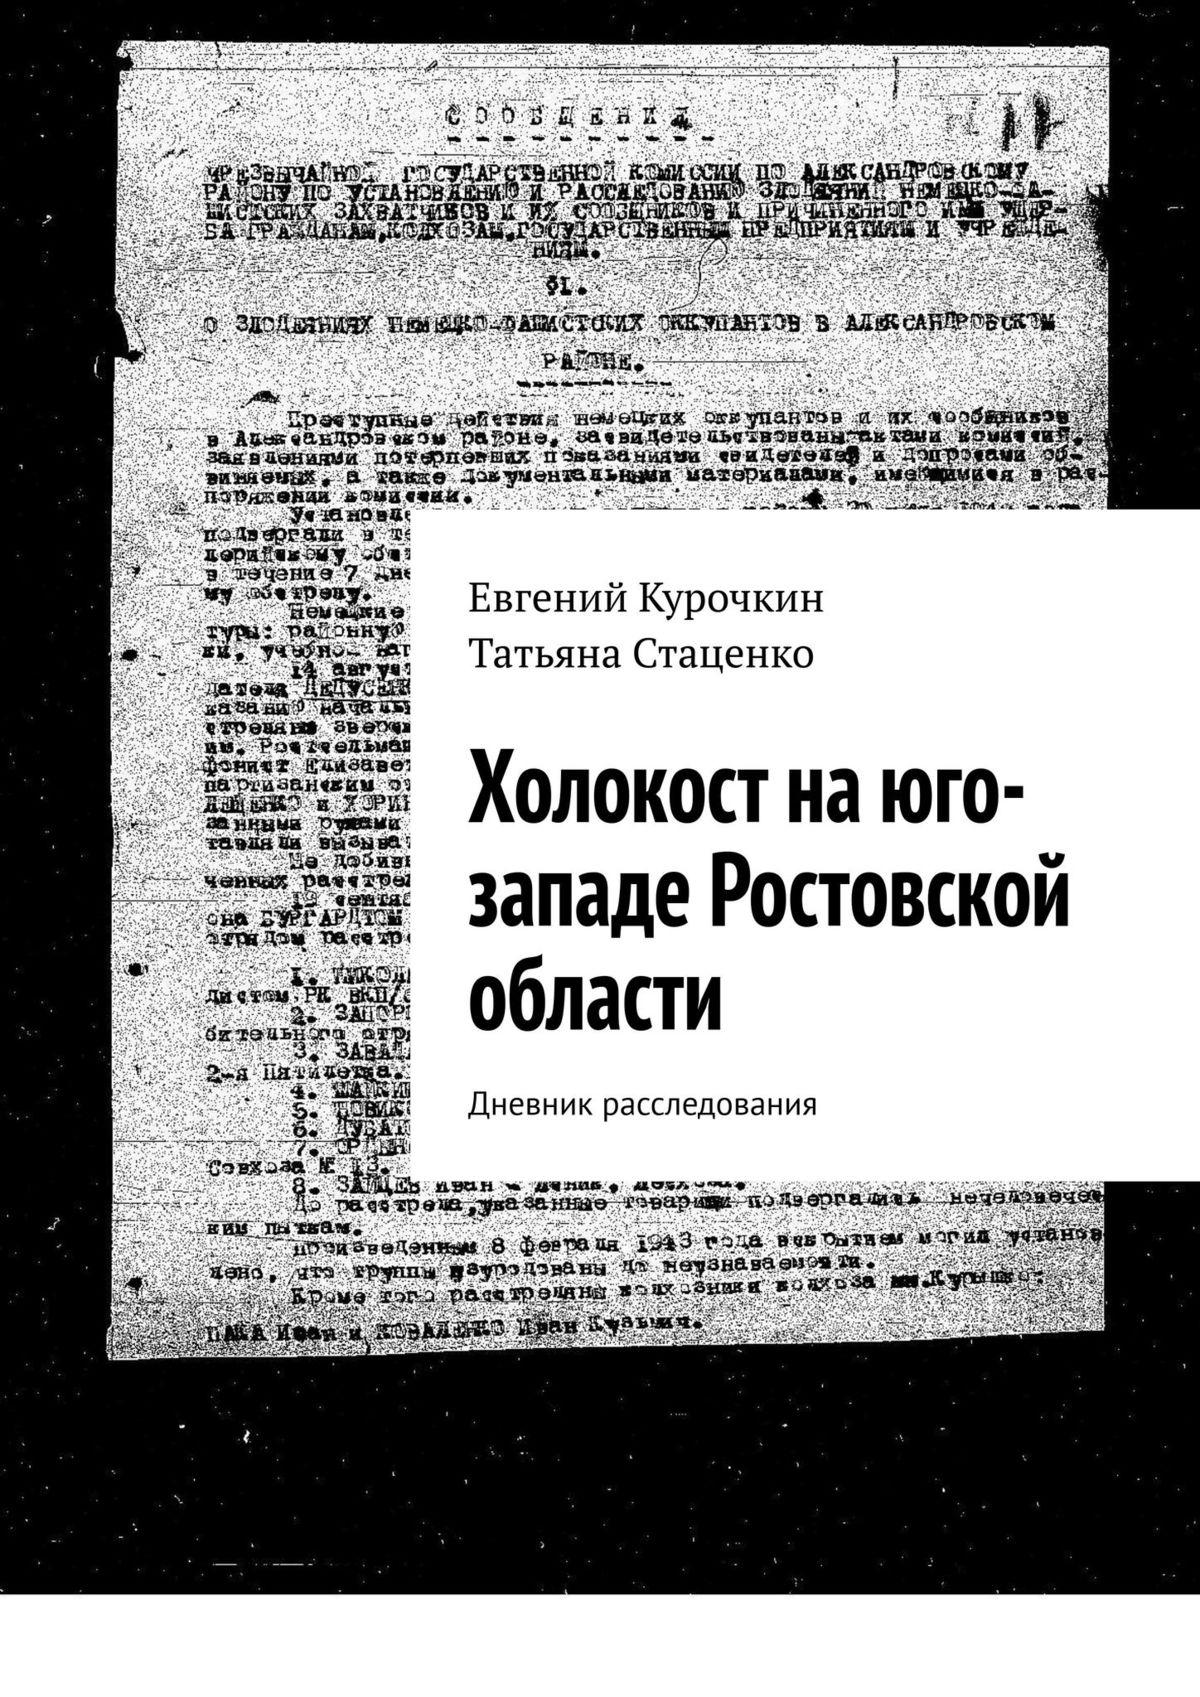 Евгений Курочкин Холокост наюго-западе Ростовской области. Дневник расследования